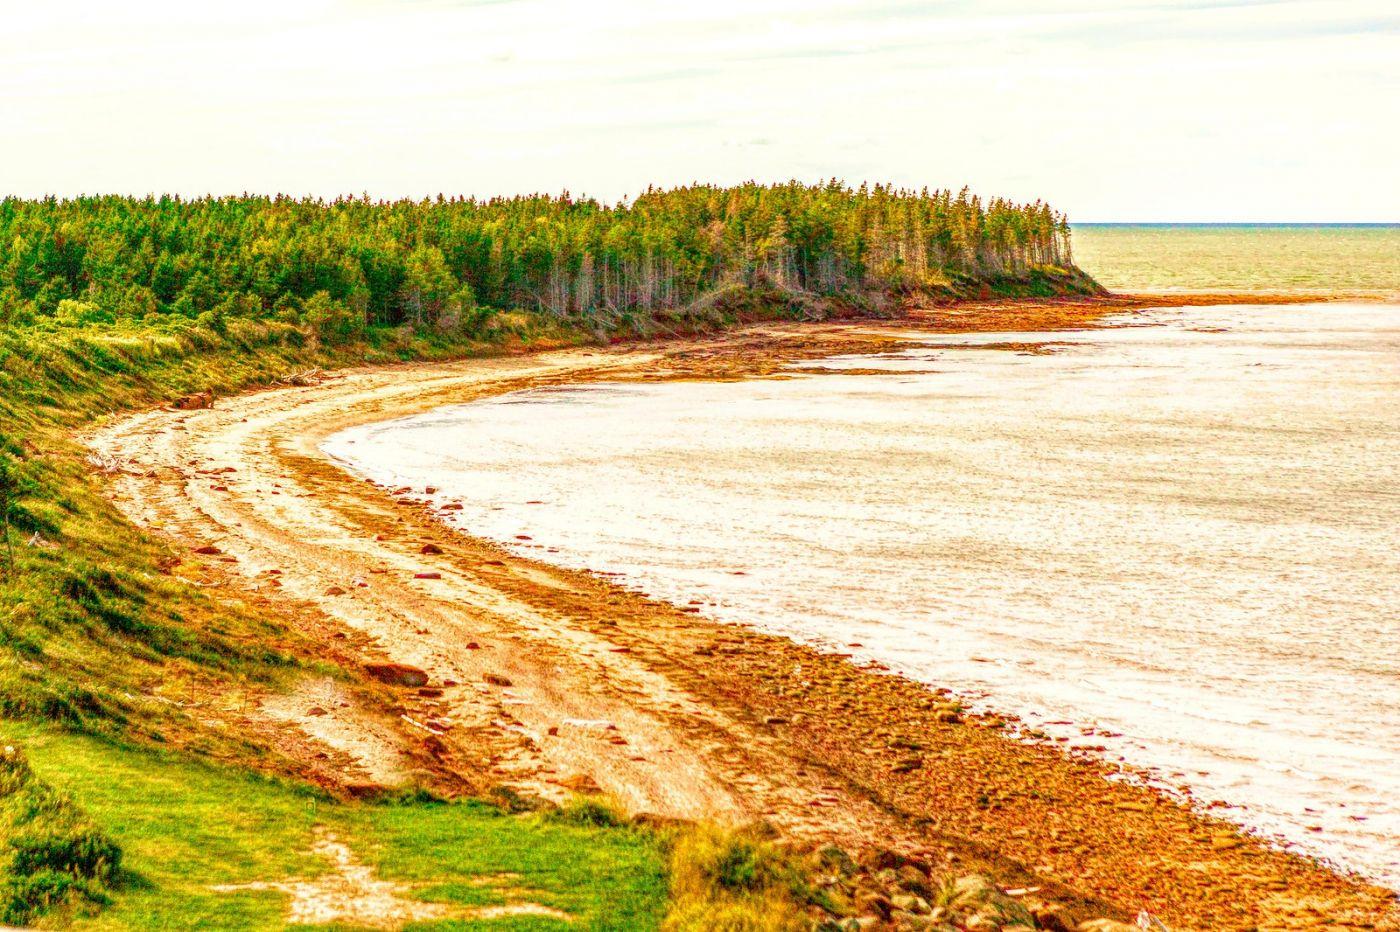 加拿大路途,水边抓拍_图1-25